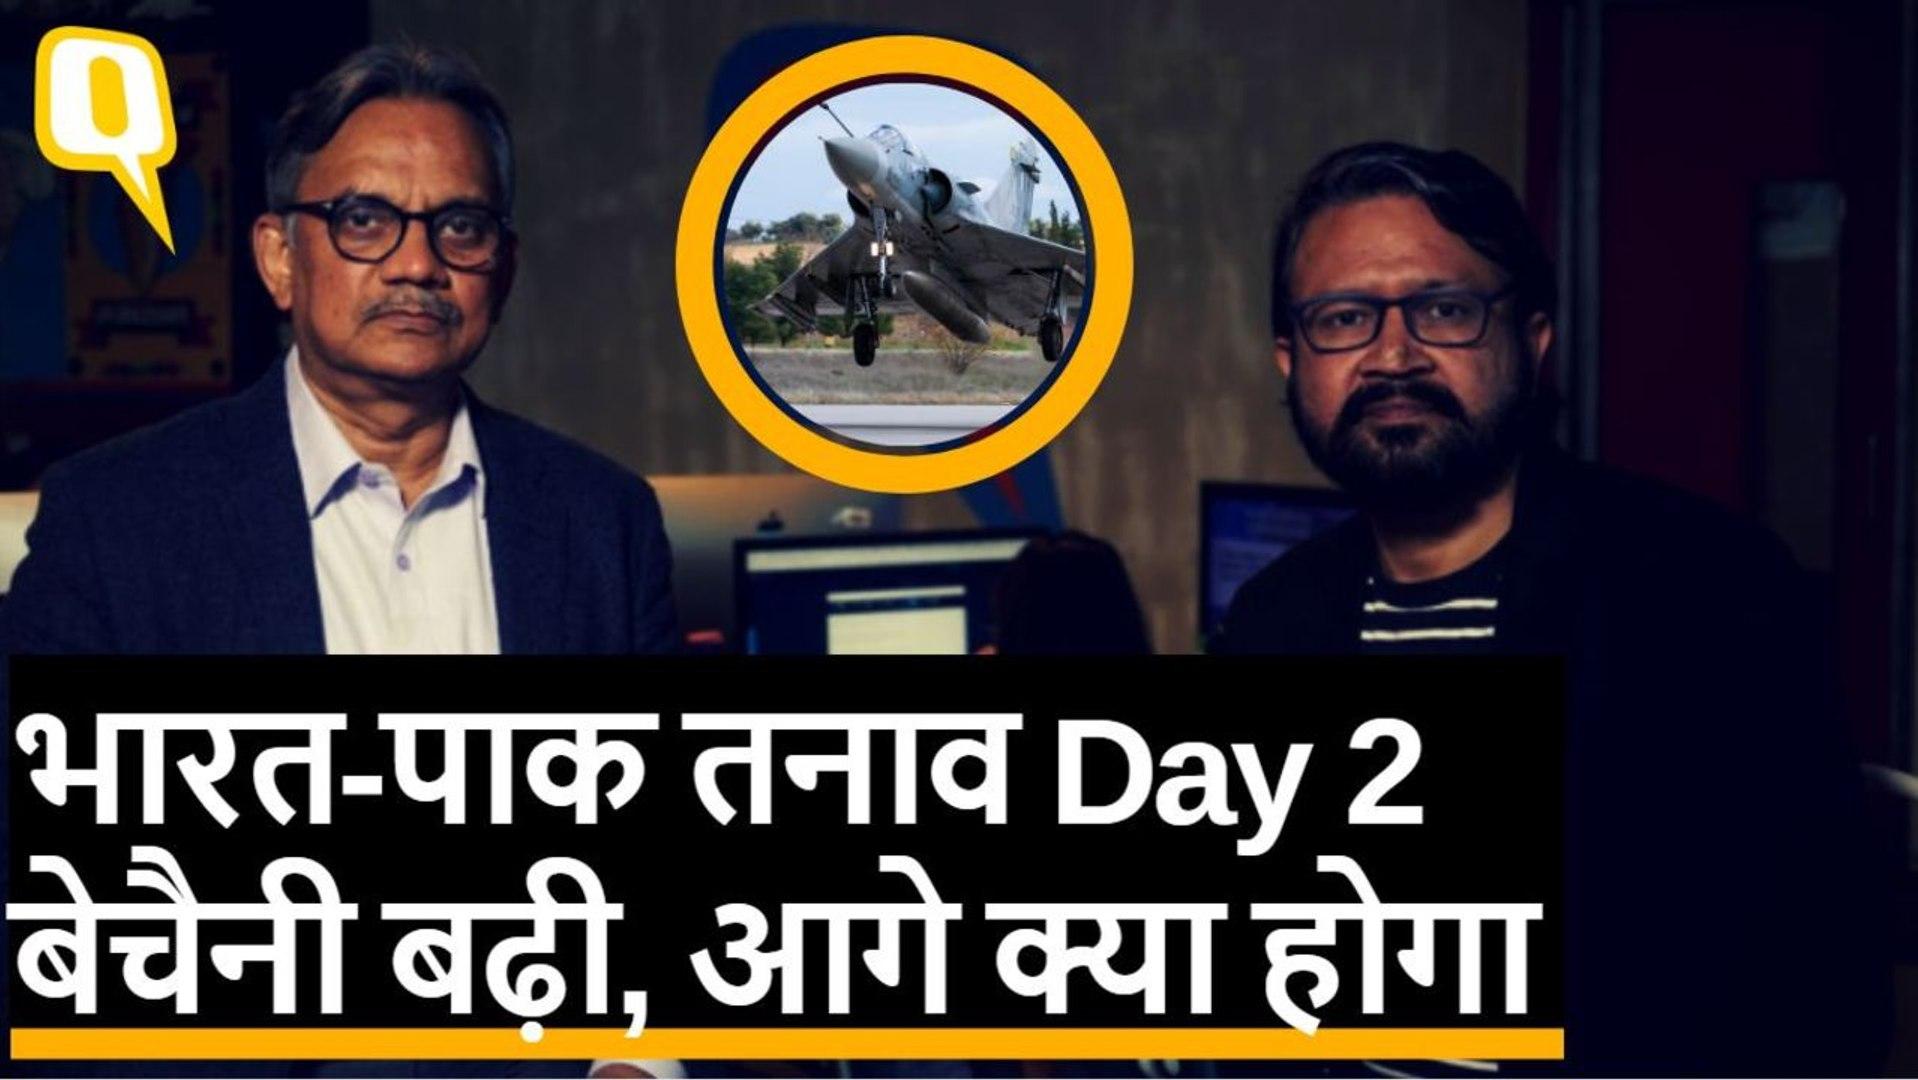 भारत-पाक तनाव Day 2 । बेचैनी बढ़ी, अब आगे क्या होगा । Air Strike। Quint Hindi